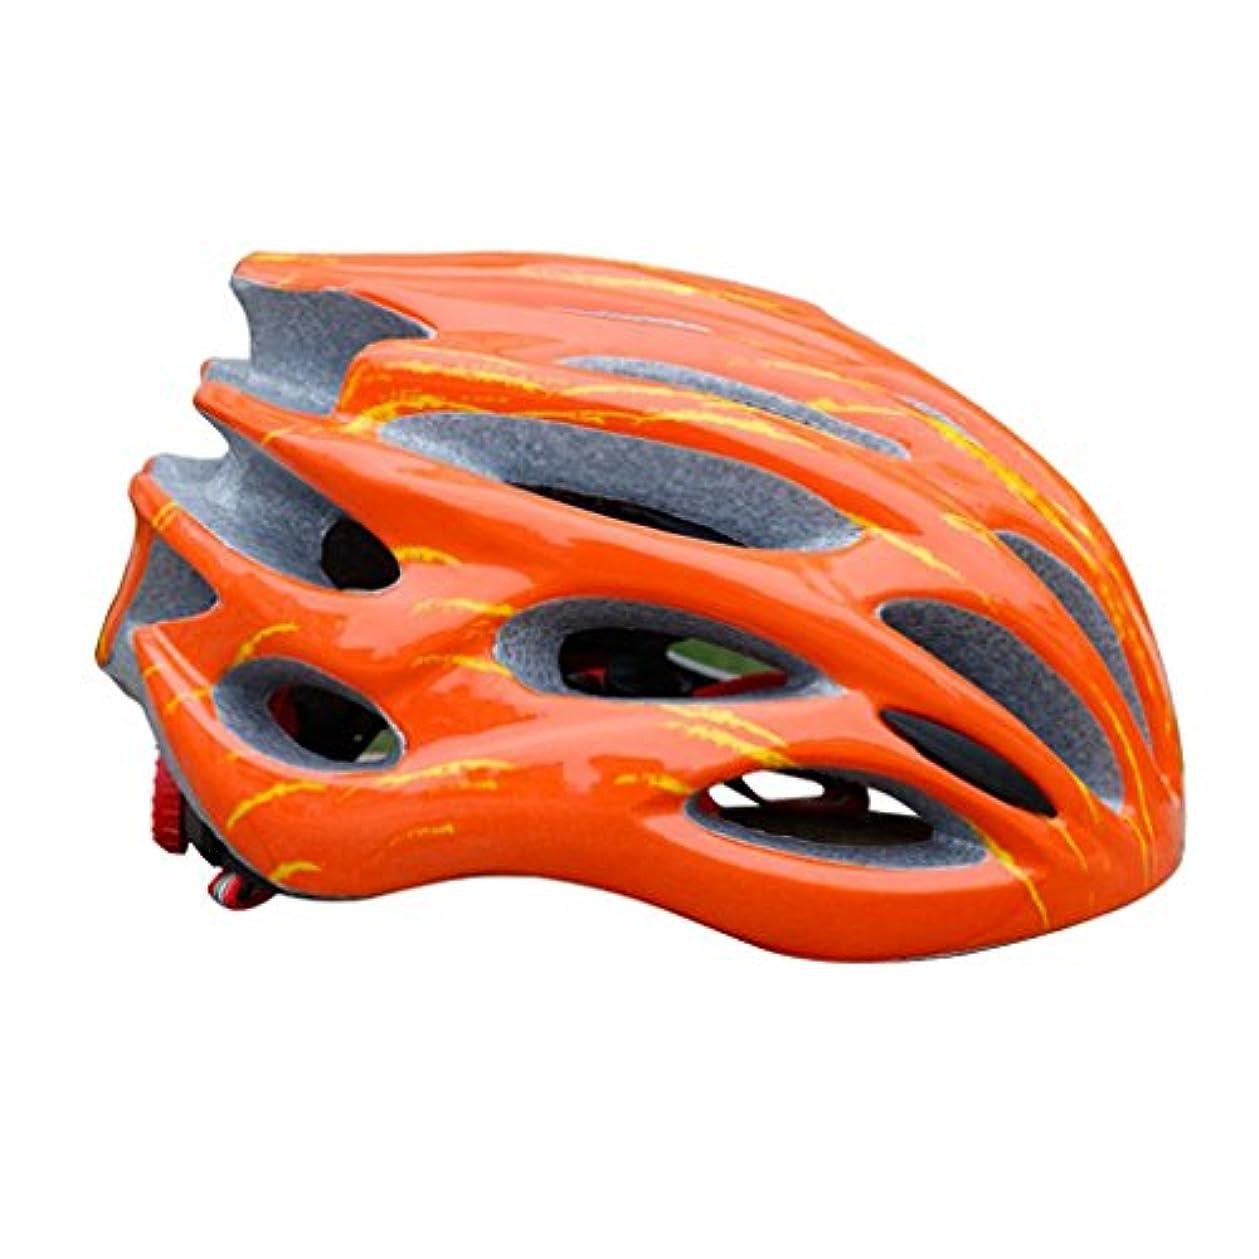 誤シェフ集団Perfk 全2色選べ 耐久性 安全ヘルメット 山道バイクレース 自転車 サイクリング 護具 調整可能 大人用 スポーツ用品